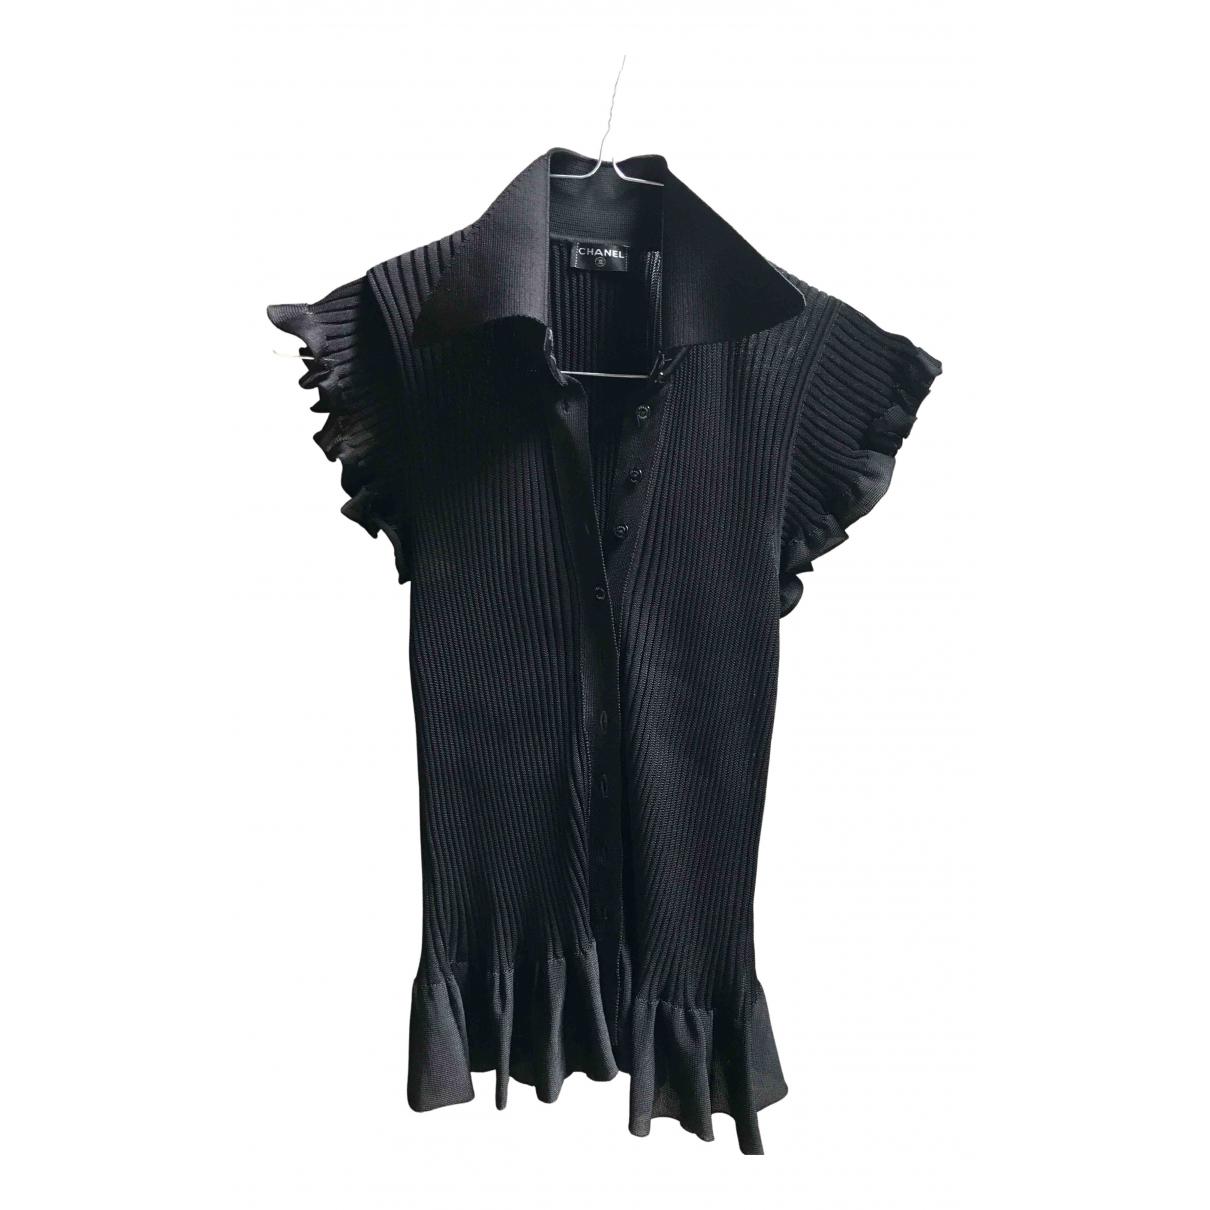 Chanel - Top   pour femme - noir